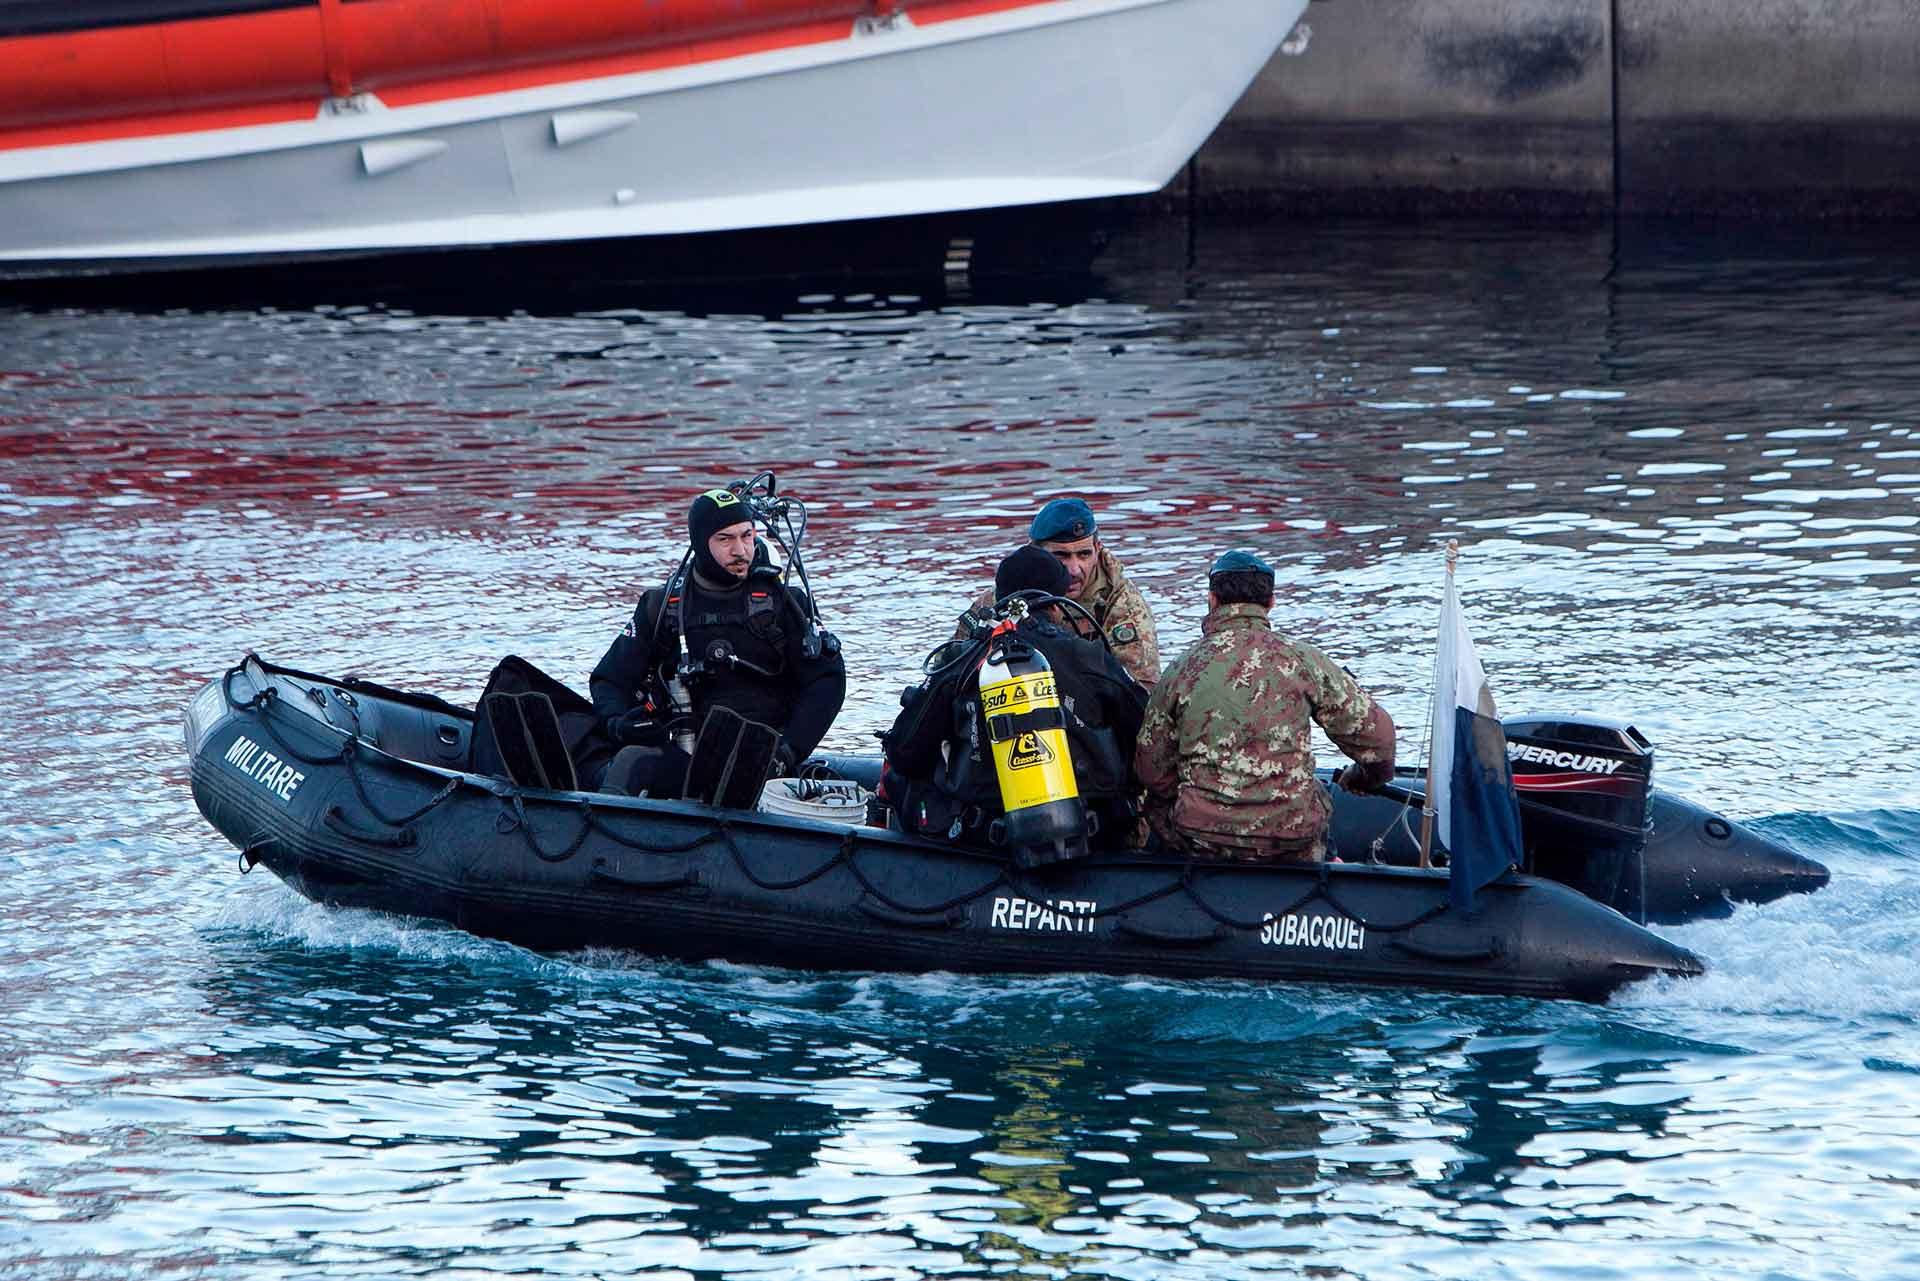 Per la ricerca dei superstiti sono intervenuti i reparti subacquei della Marina Militare che hanno usato anche l'esplosivo per aprire dei varchi tra i rottami e nei vetri della plancia di comando.